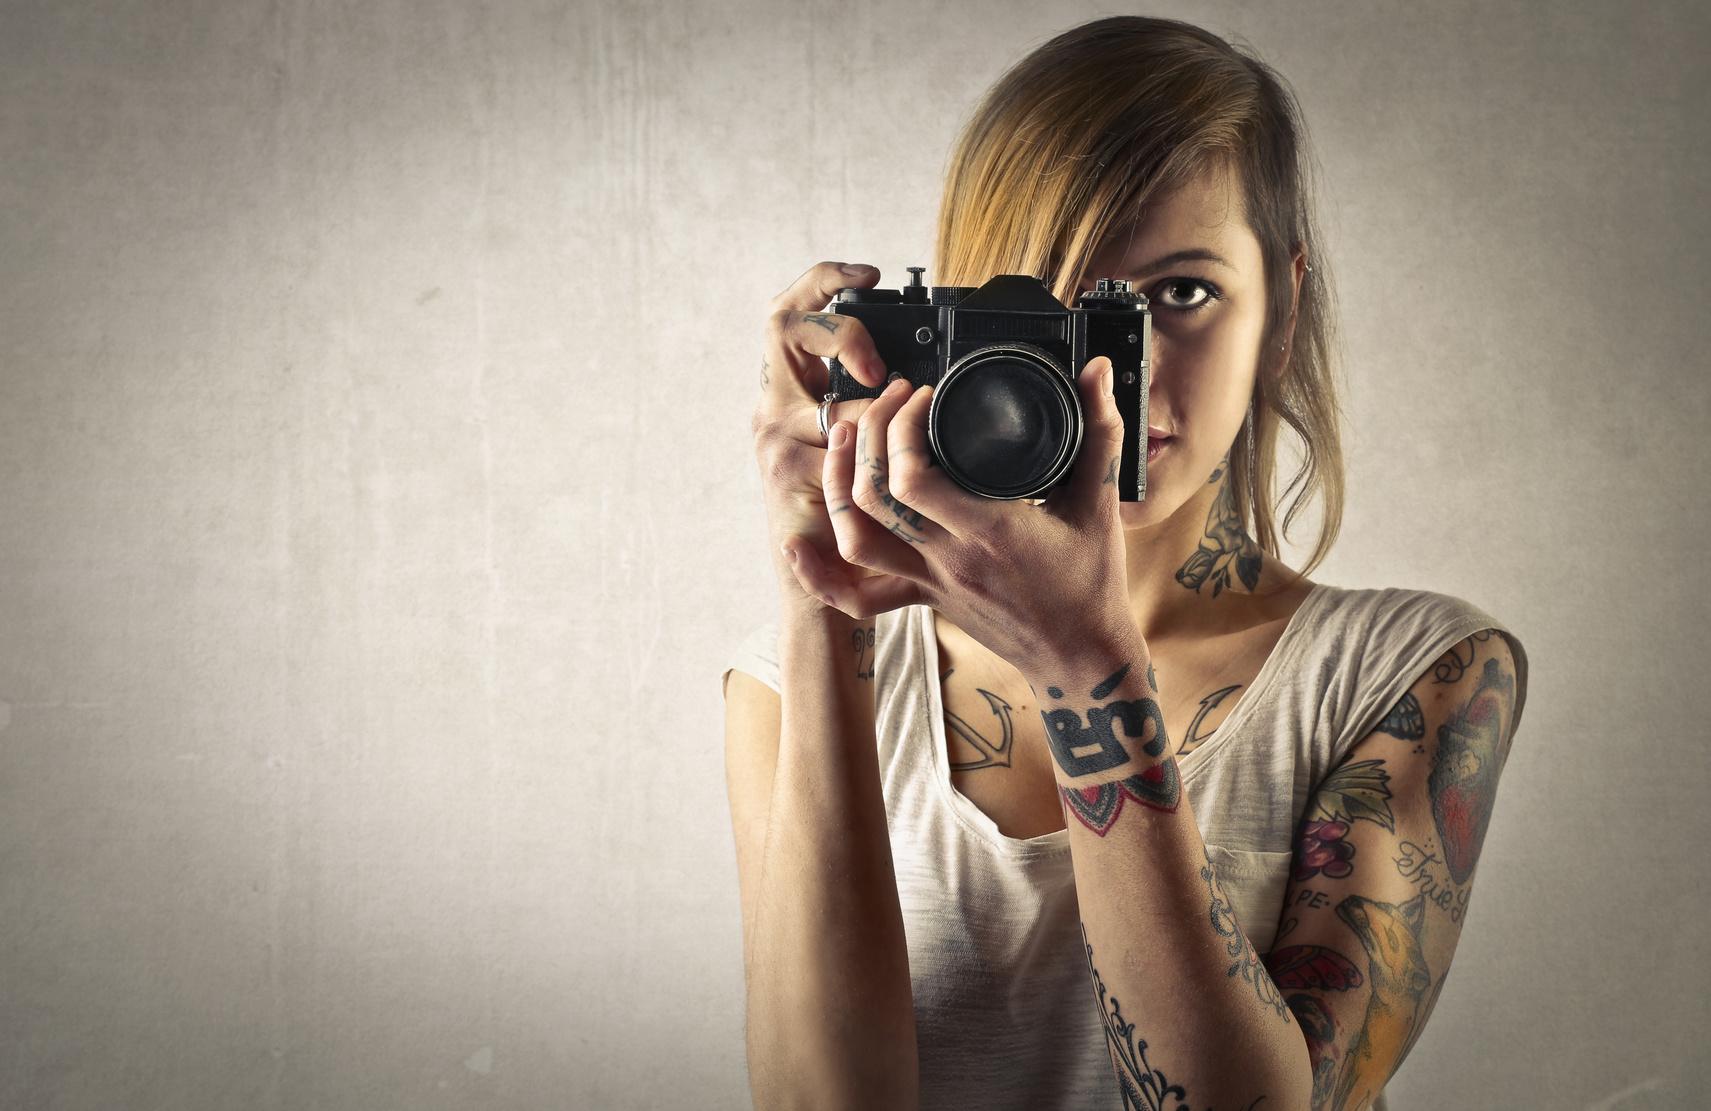 Ilość tatuaży wpływa korzystnie na stan naszego zdrowia? Zaskakujące wyniki badań